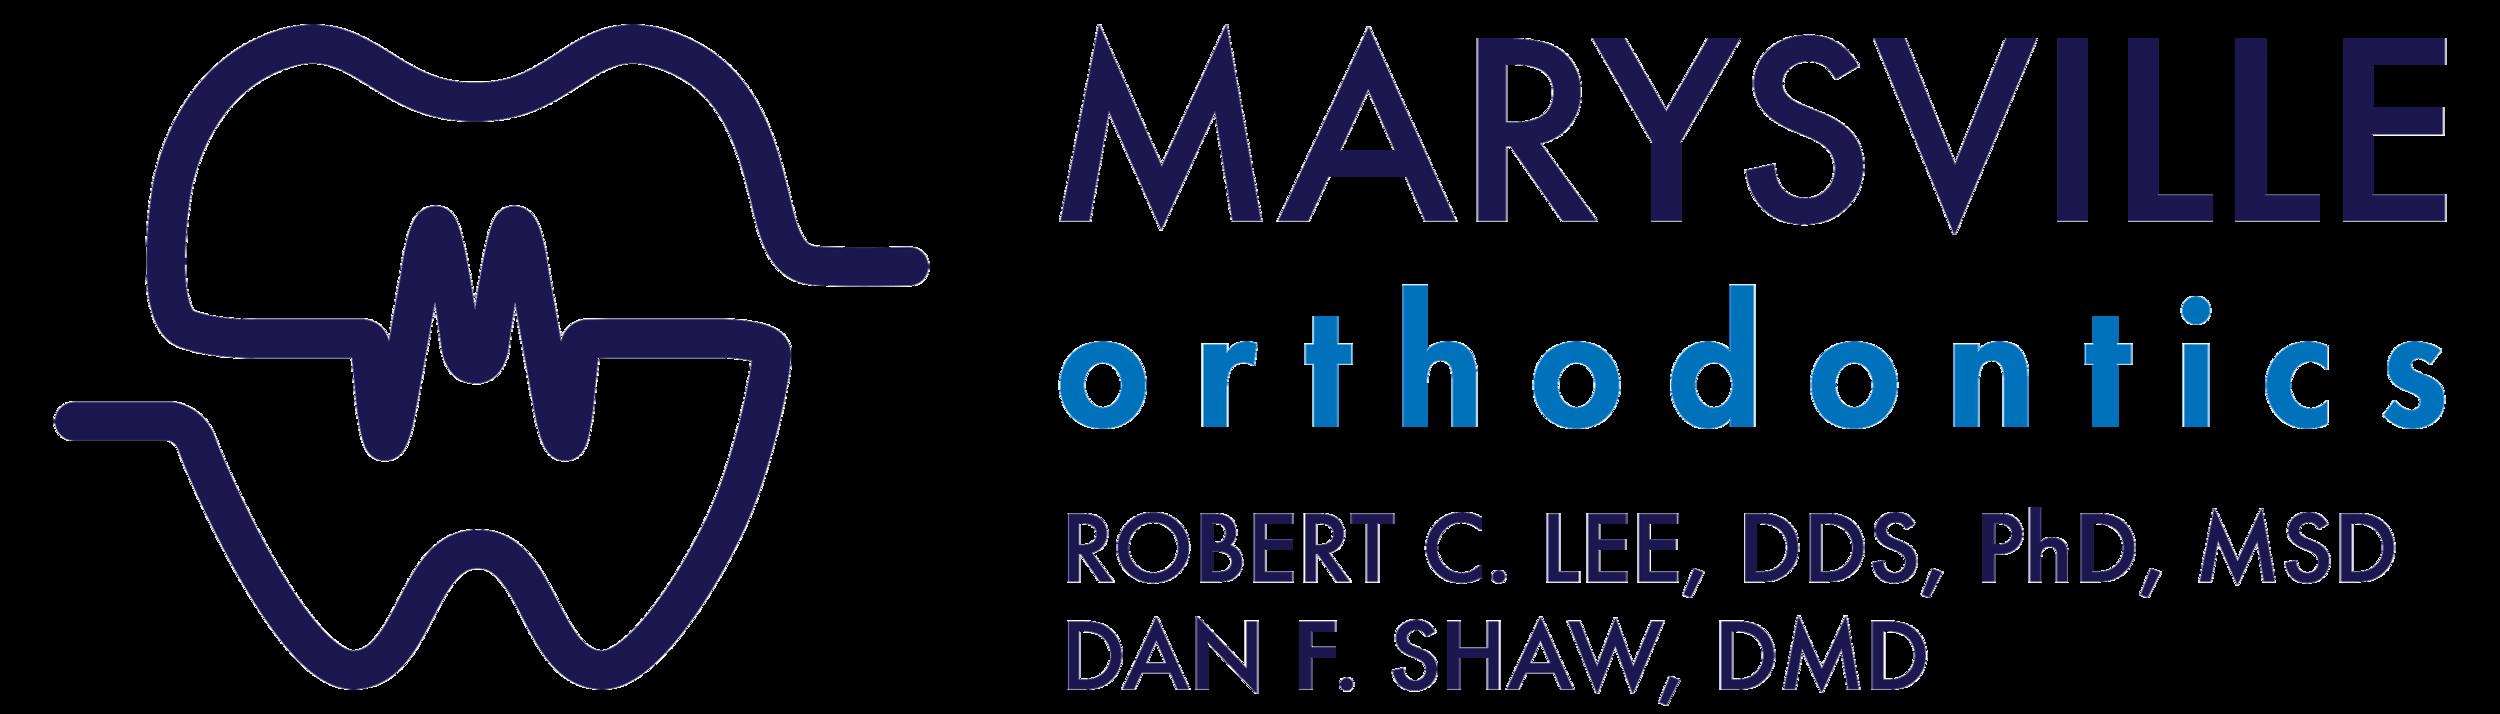 marysville-orthodontics-logo